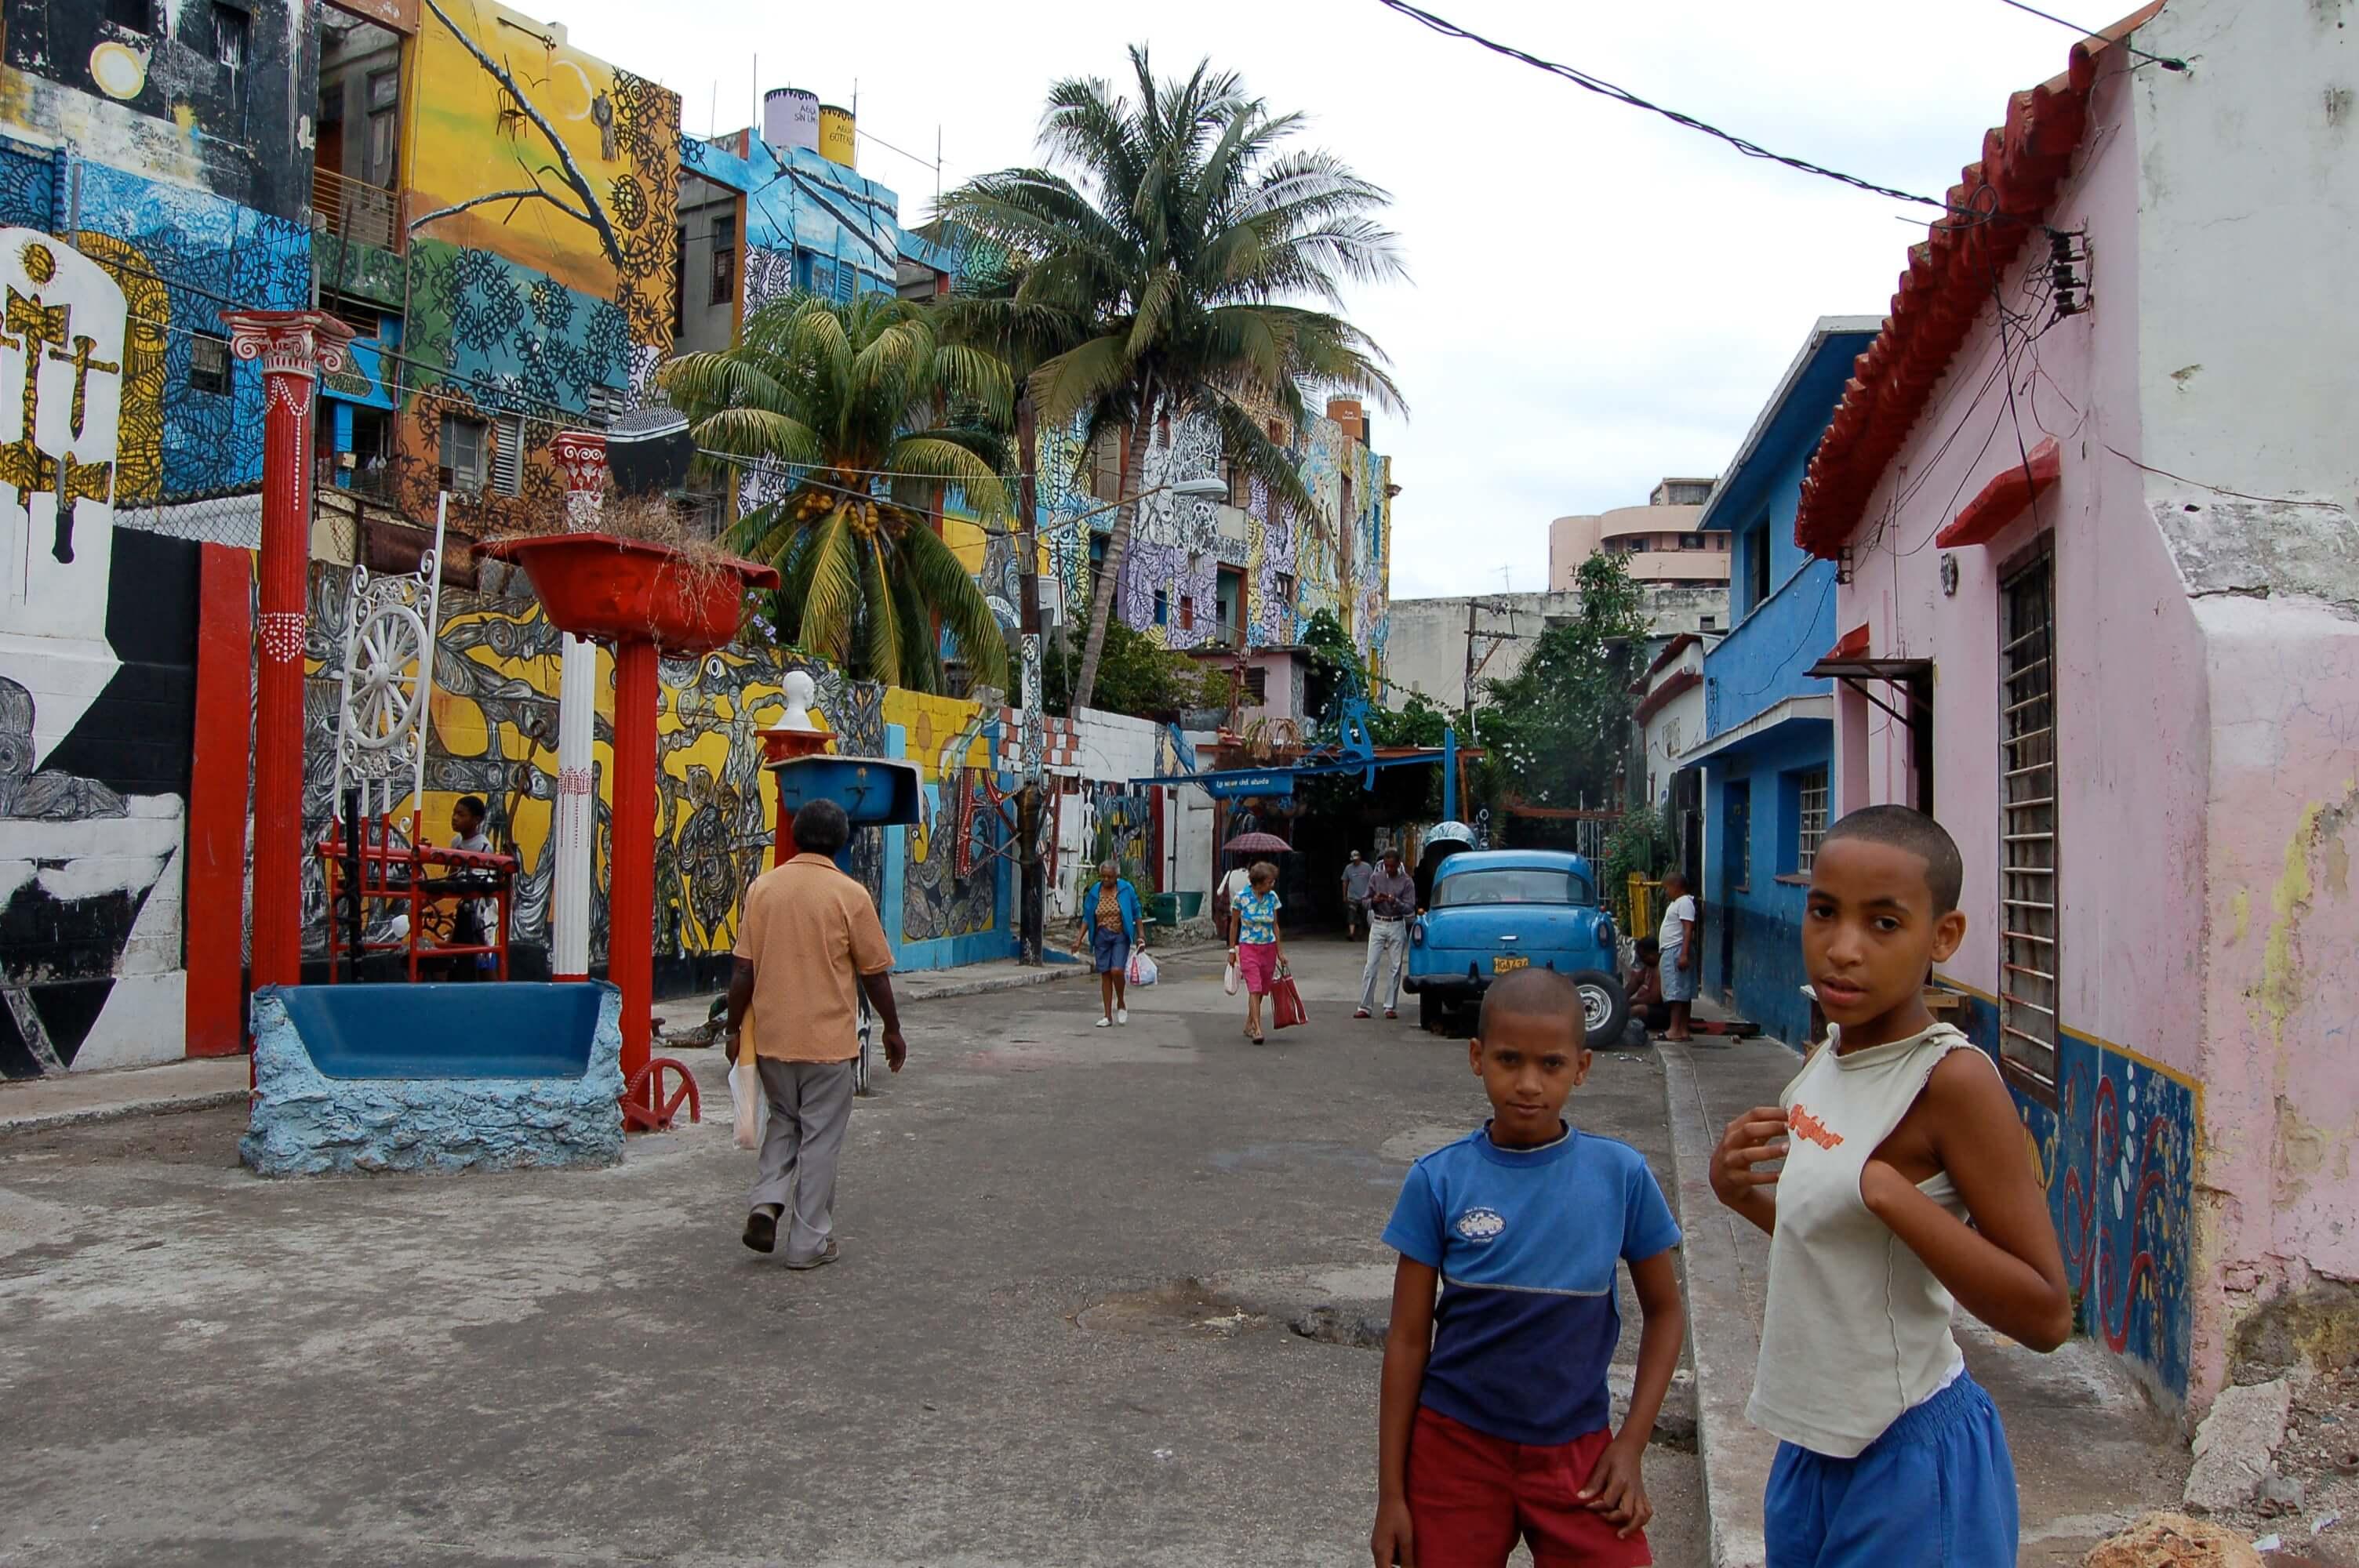 La rue de callejon de Hamel, unique en son genre, est fréquentée par les locaux qui y chantent et dansent jusqu'à l'aube.